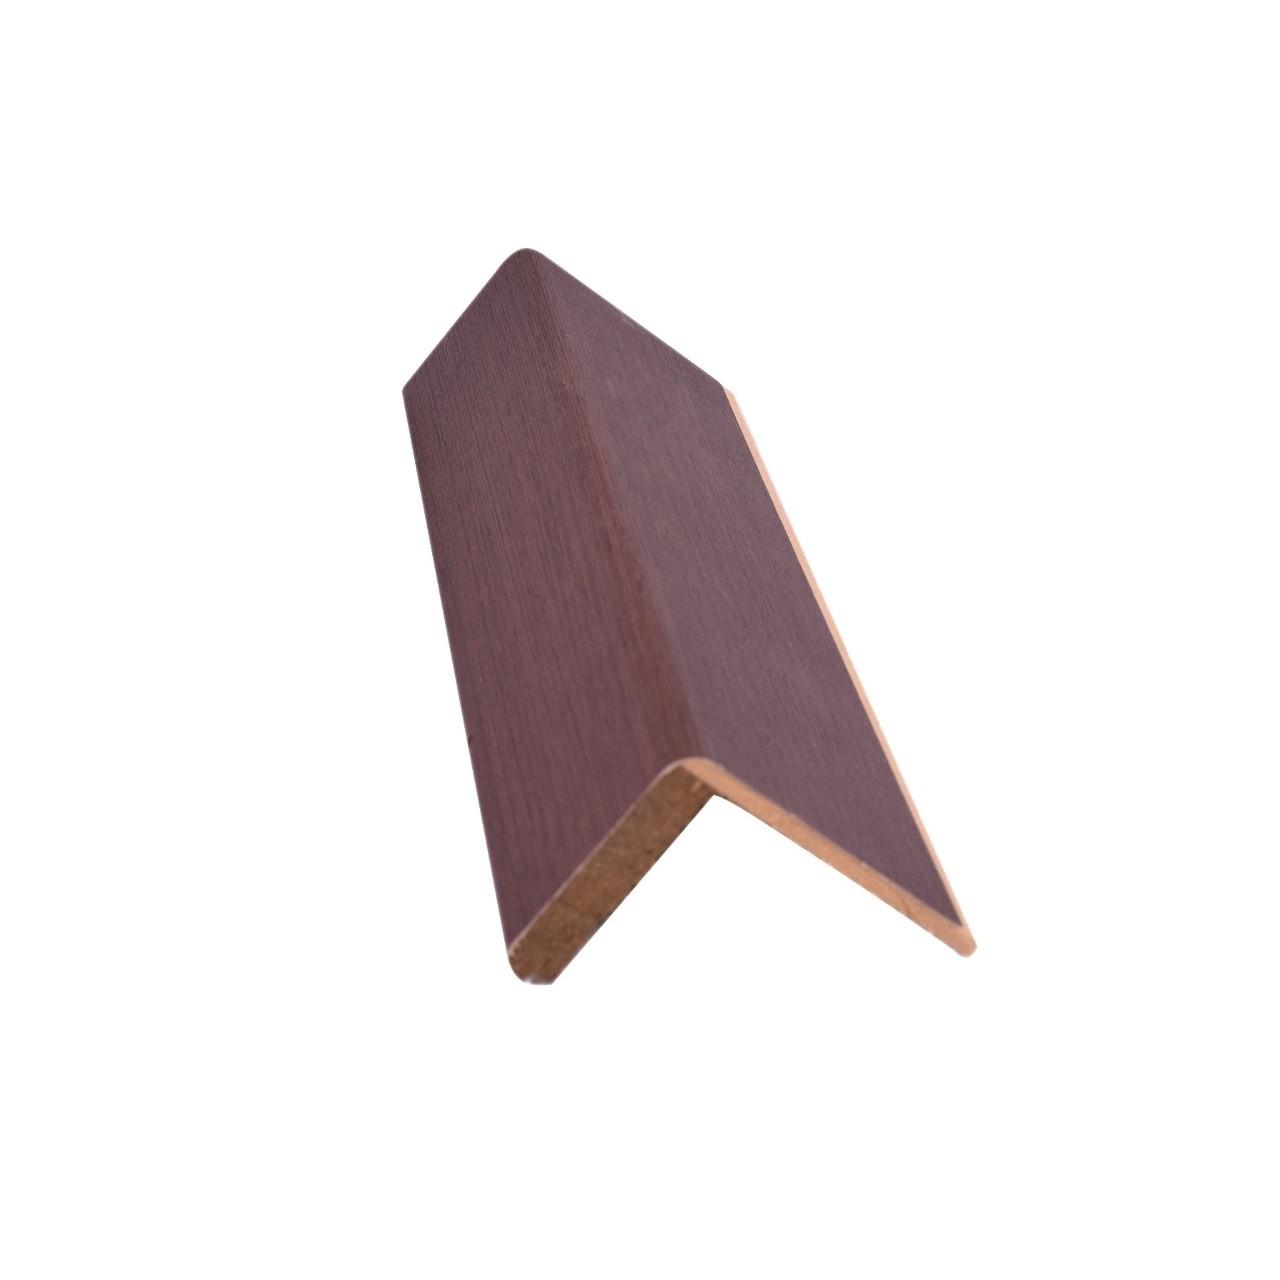 Guarnicao para Portas Madeira e MDF 5cm x 10cm x 223cm Wengue 548564 - Madelar